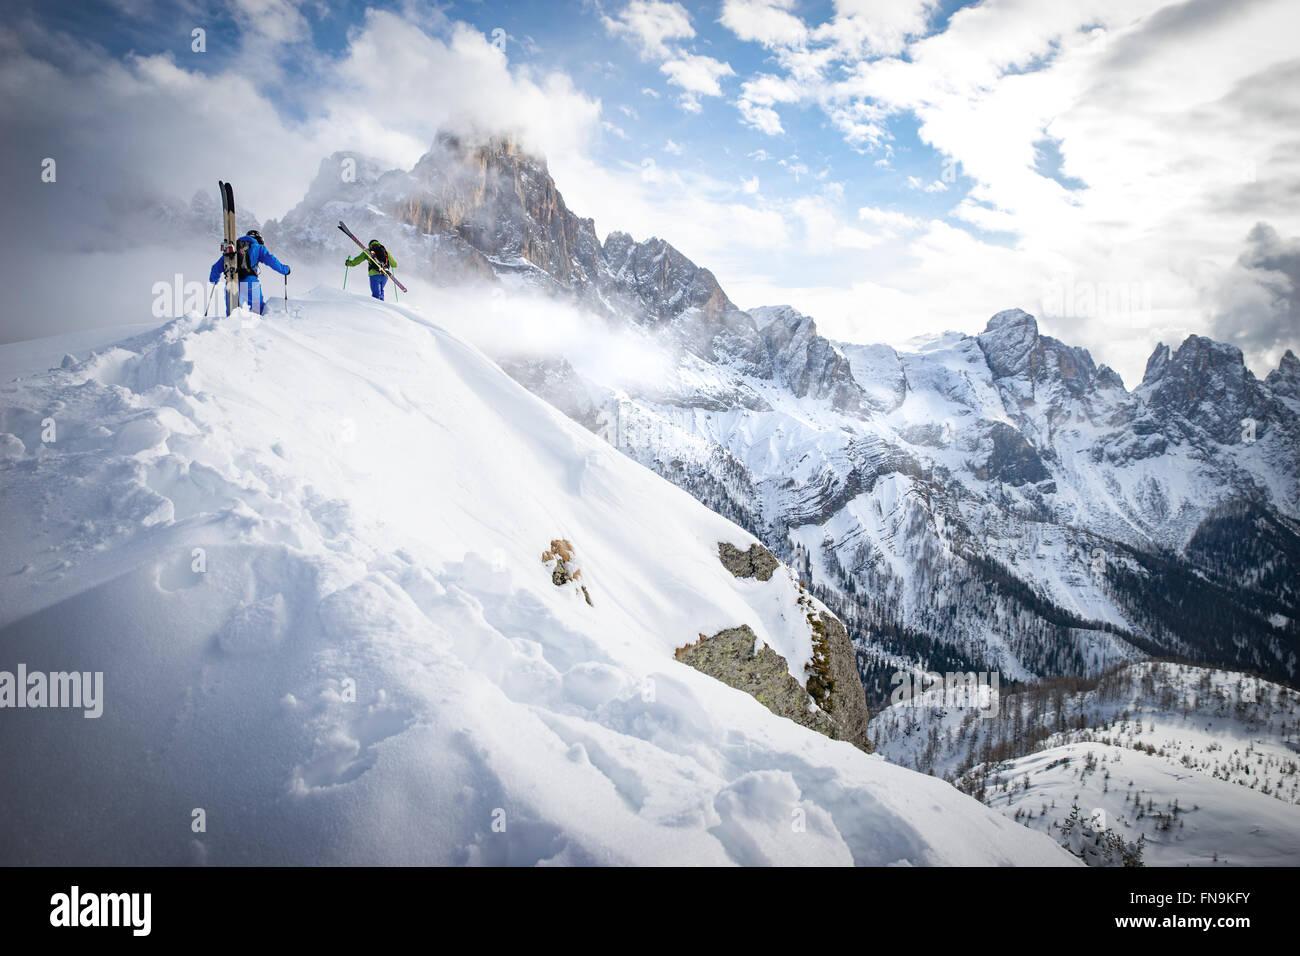 Dos hombres en polvo esquiar en Dolomitas, Italia Foto de stock